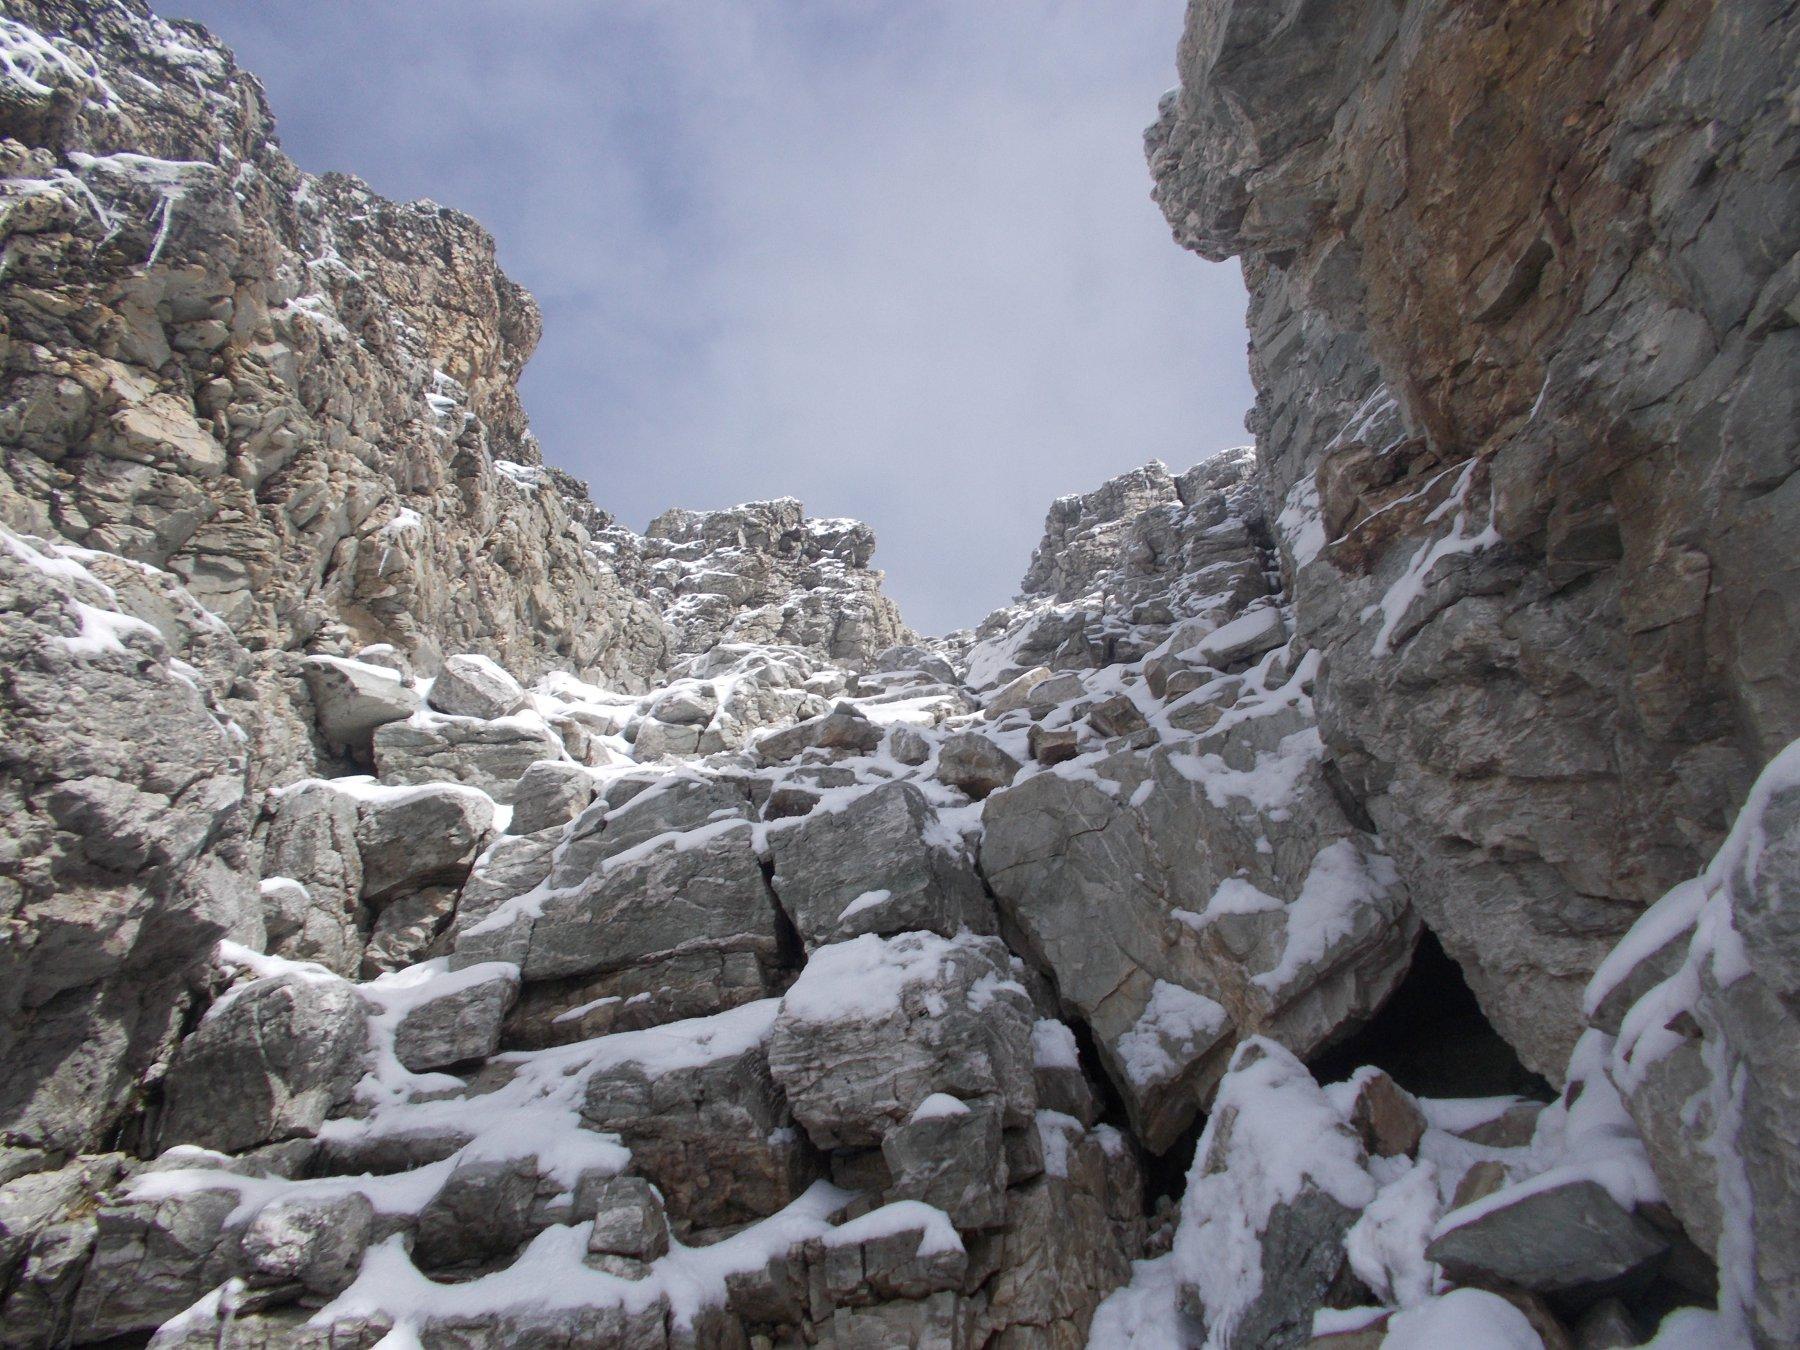 il canale gia' con mena neve al rientro dalla vetta..